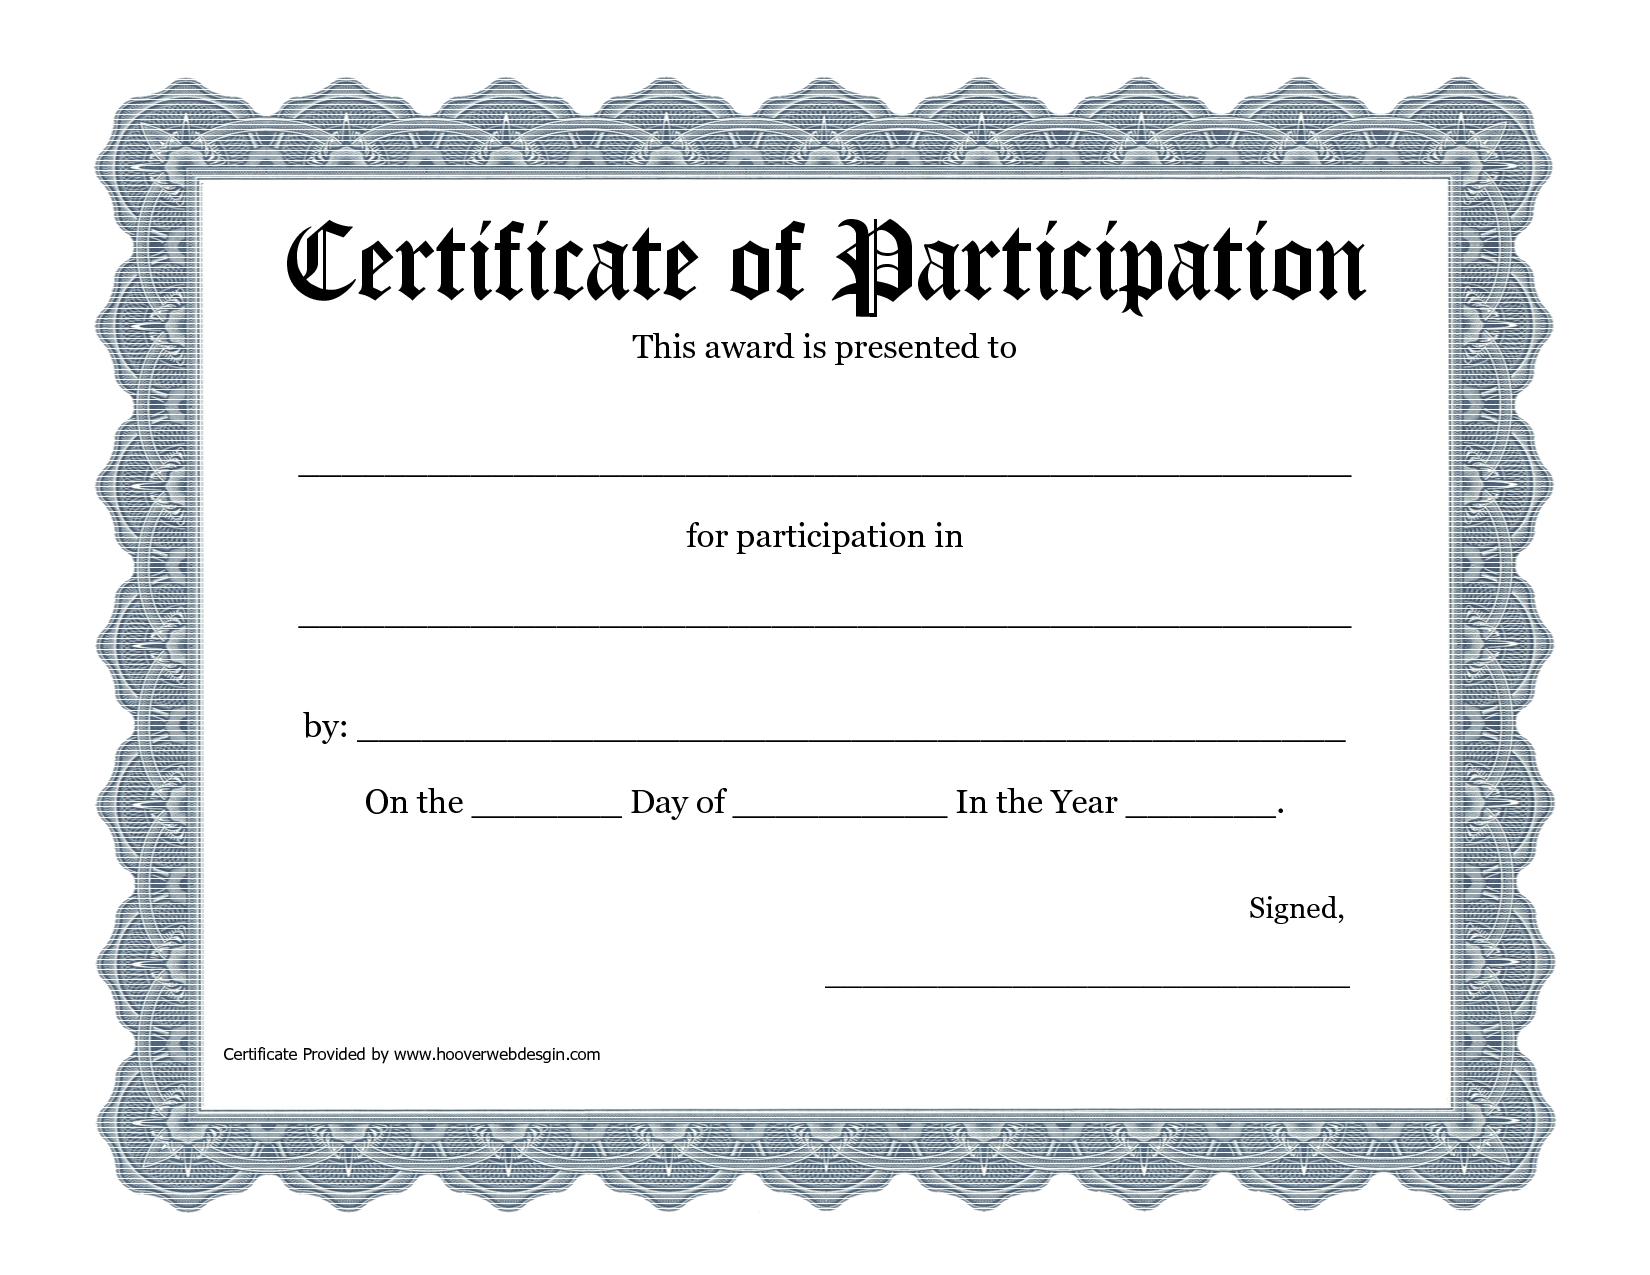 Free Printable Award Certificate Template - Bing Images | 2016 Art - Free Printable Piano Recital Certificates